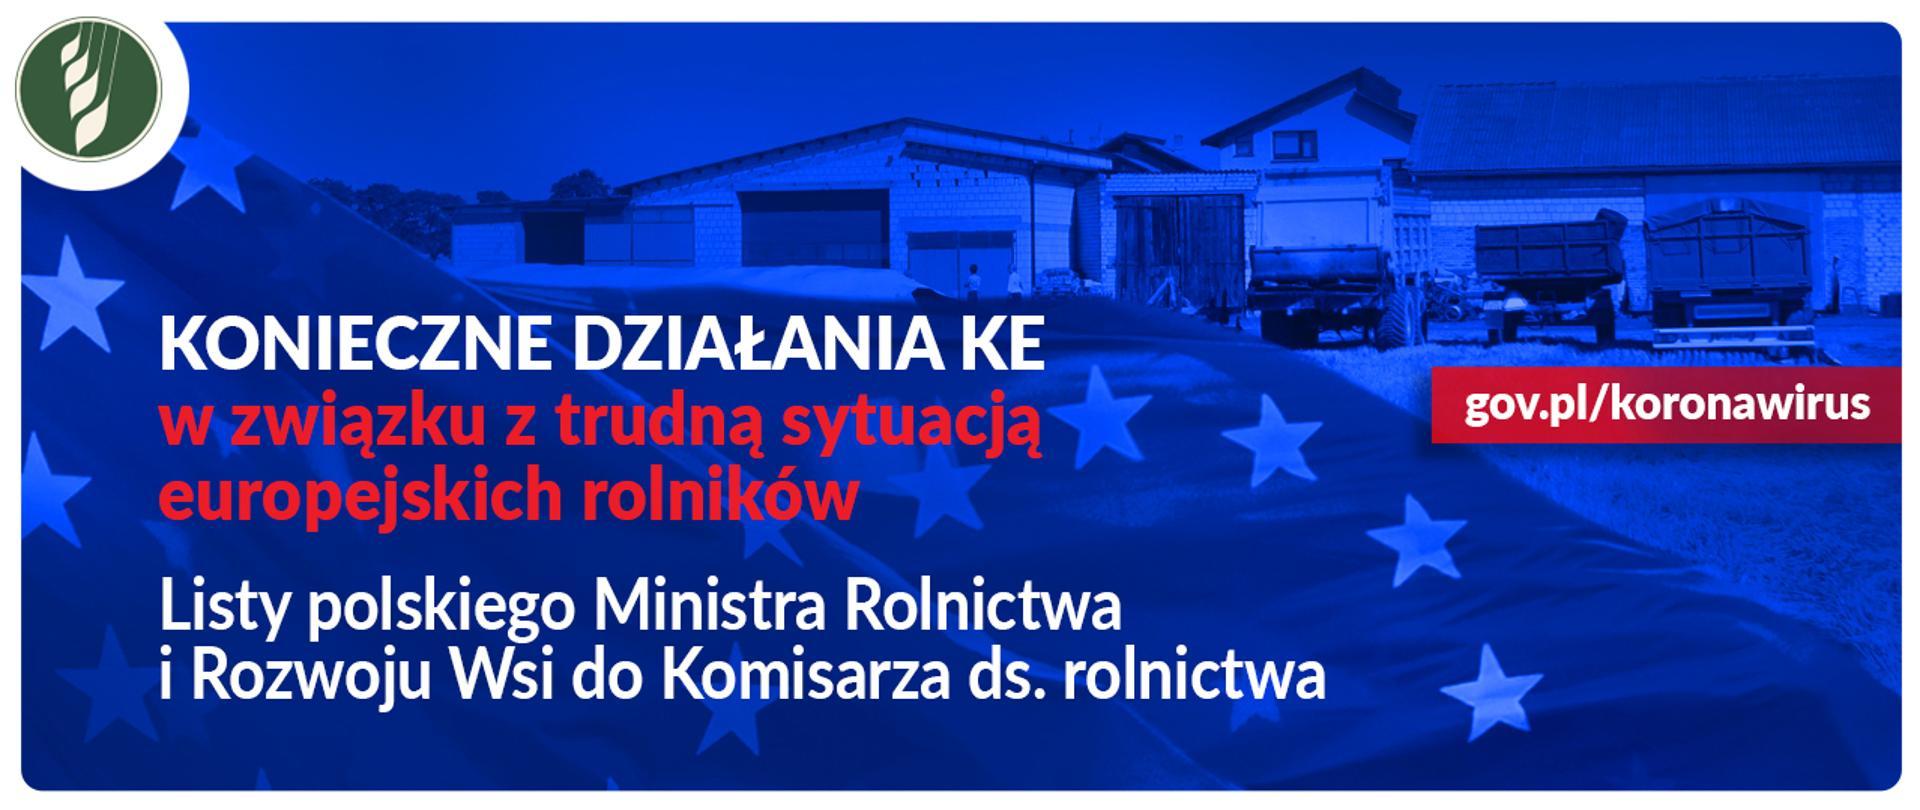 Listy polskiego Ministra Rolnictwa i Rozwoju Wsi do KE